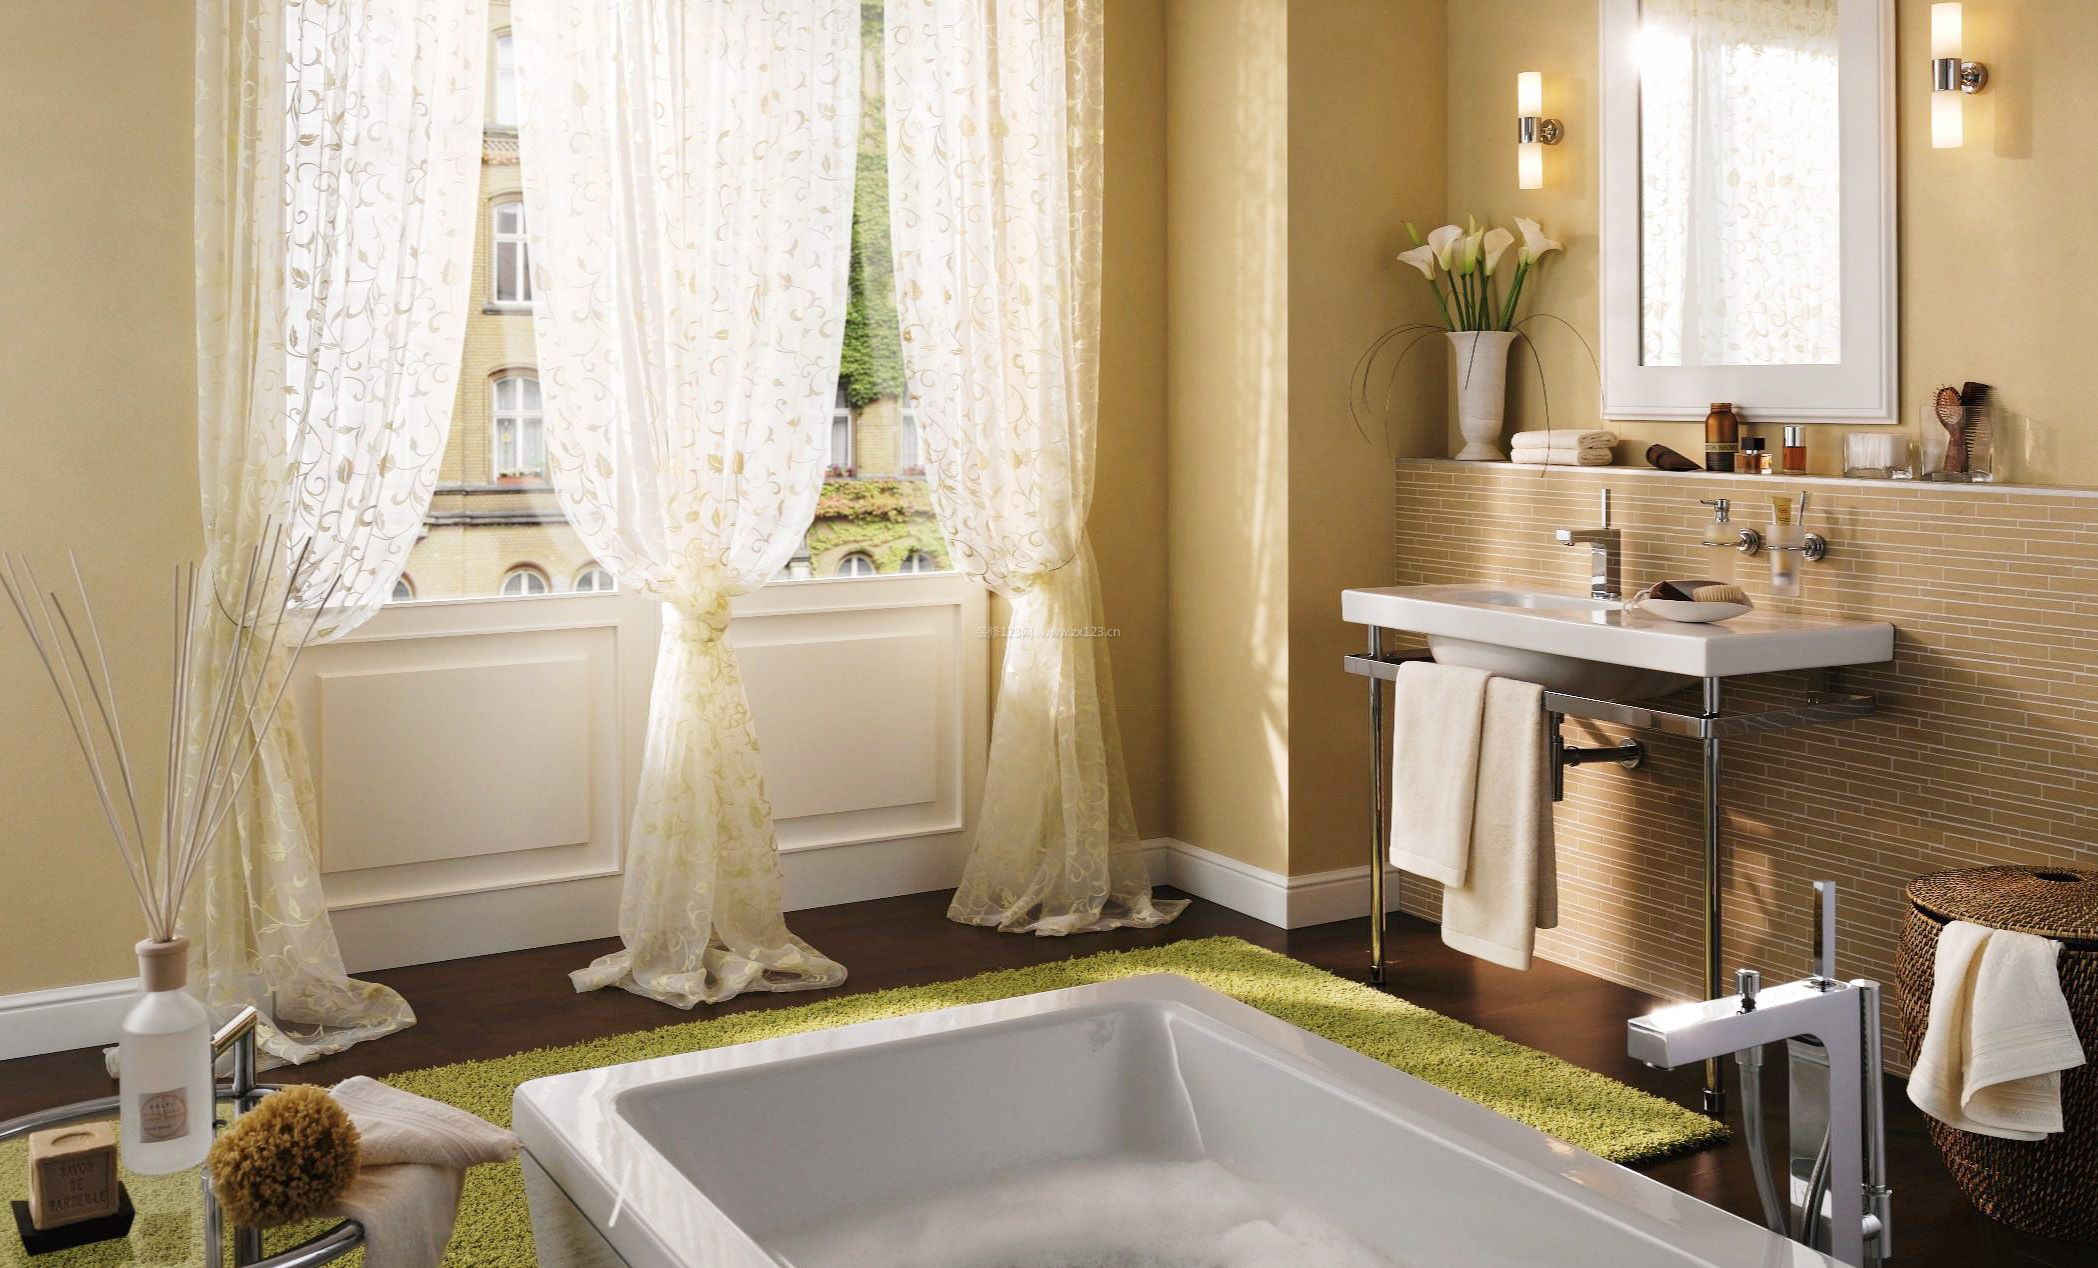 房子室内流行窗帘设计图片大全